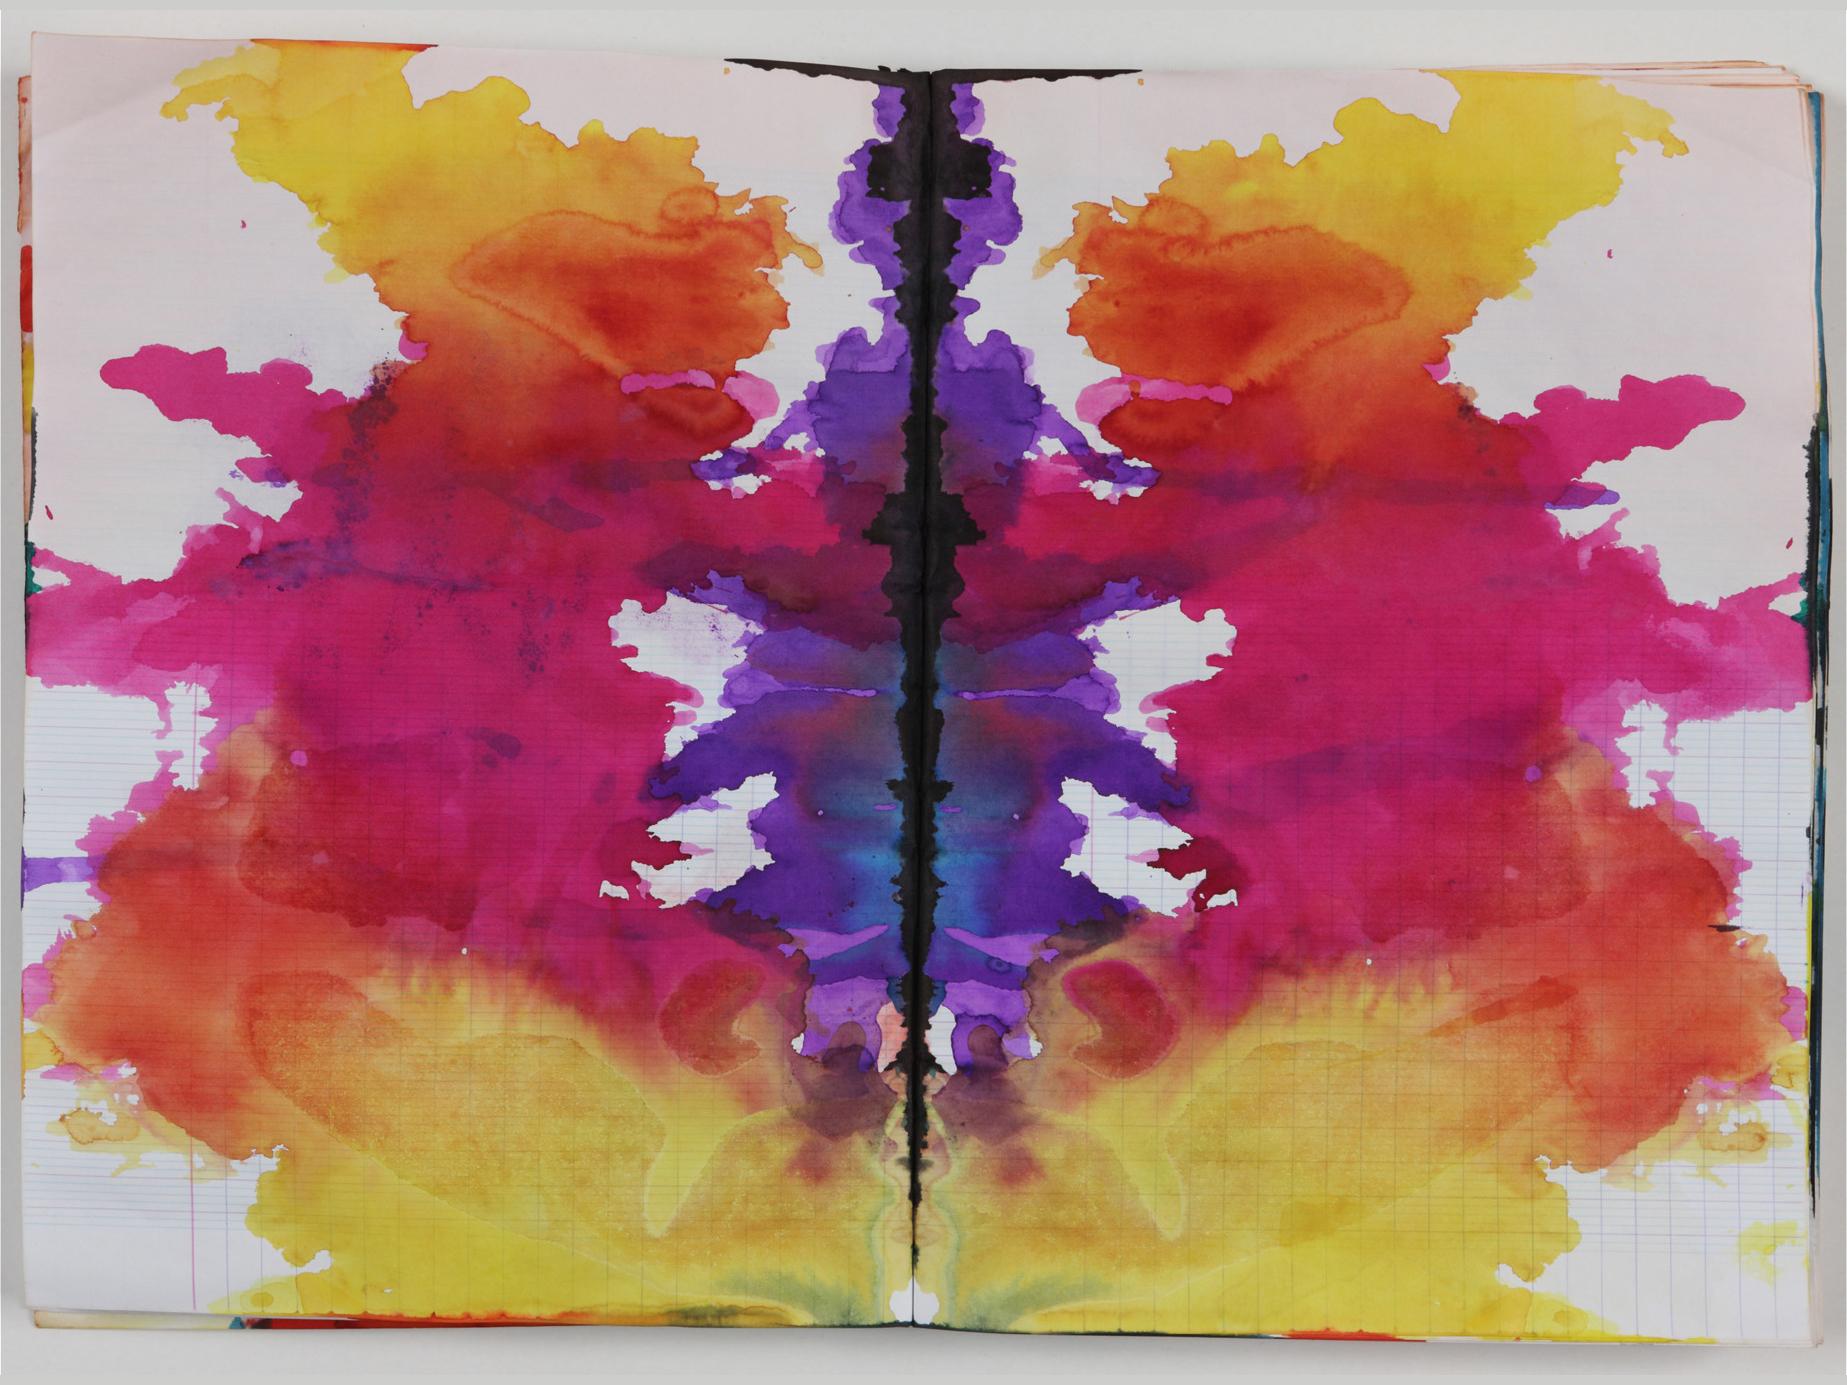 Sigmar Polke, Untitled (Rorschach), c. 1999